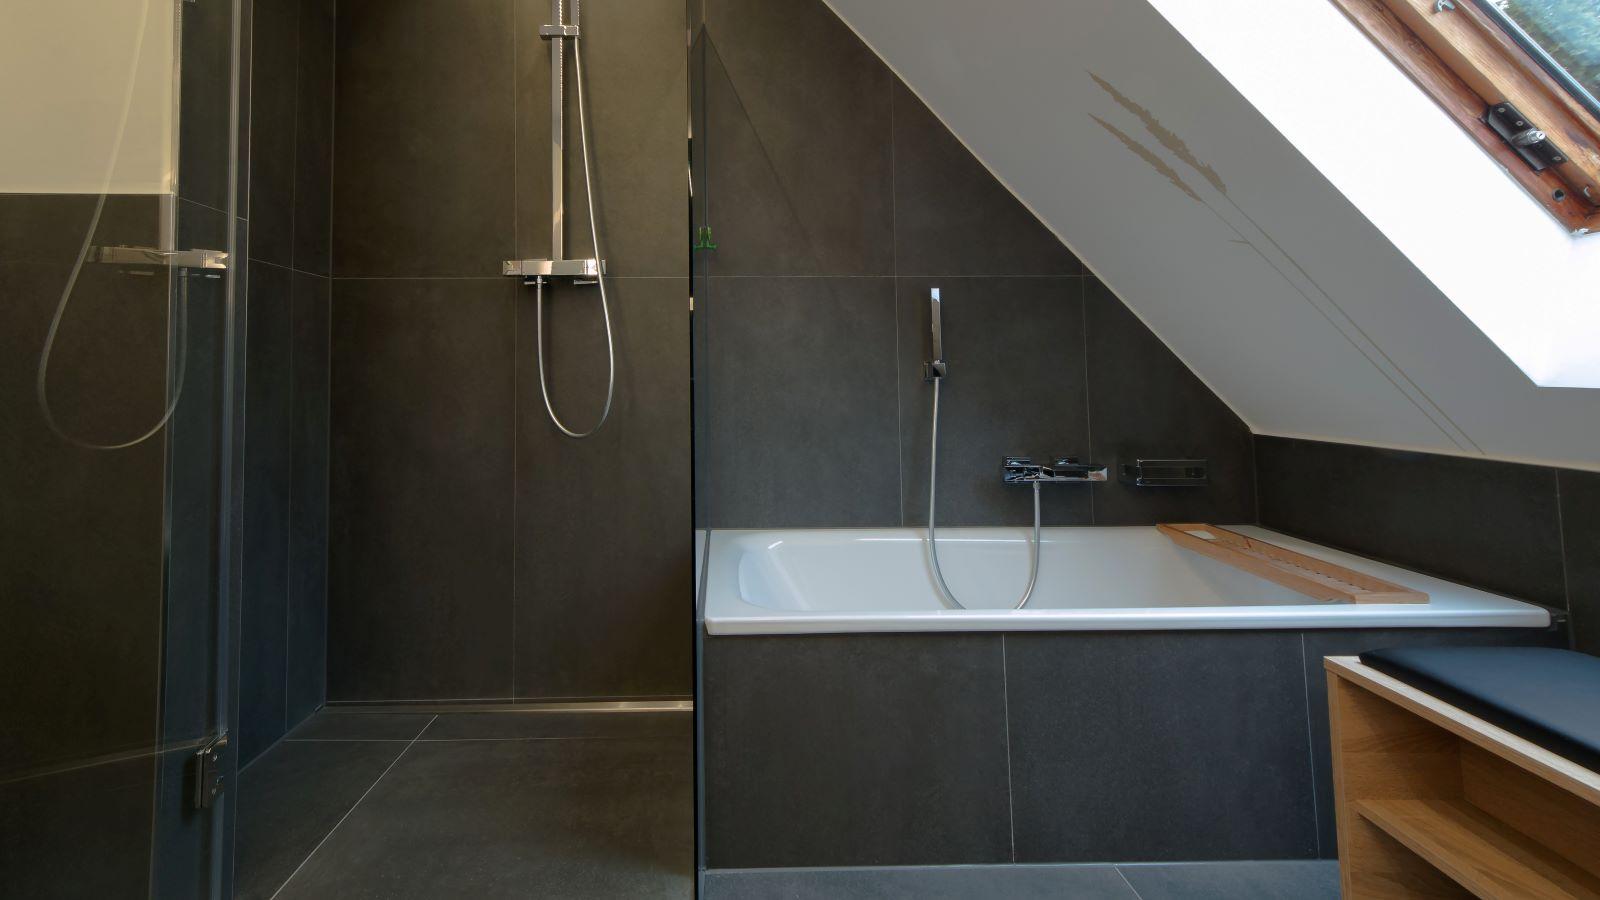 Abgebildet ist die in einer bodengleichen dusche wandbuendig montierte , dezente v4a edelstahl-duschrinne pro. Cm-genau massgefertigt bis 600 cm laenge laesst sich die duschrinne pro einfach zwischen der wand und der glasduschabtrennung montieren. Die unempfindliche duschrinne pro ermoeglicht eine sehr gute linienentwaesserung der ebenerdigen dusche. Diese barrierefreie dusche in moderner optik befindet sich in einem dachgeschossbad.